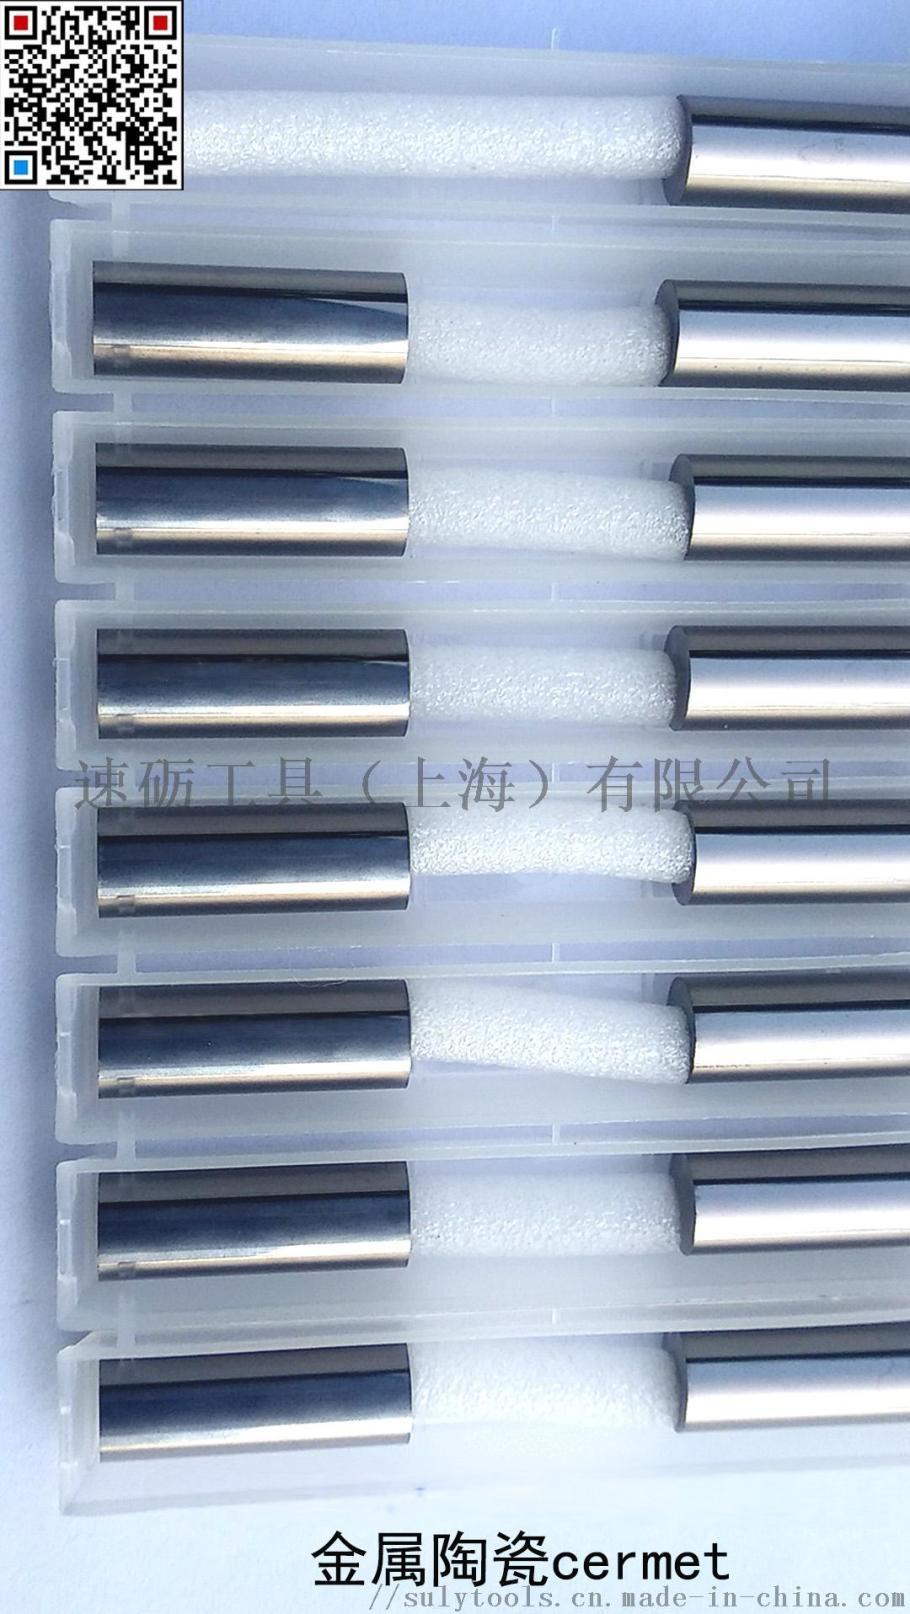 高光潔度鉸刀材料 金屬陶瓷棒料778651362